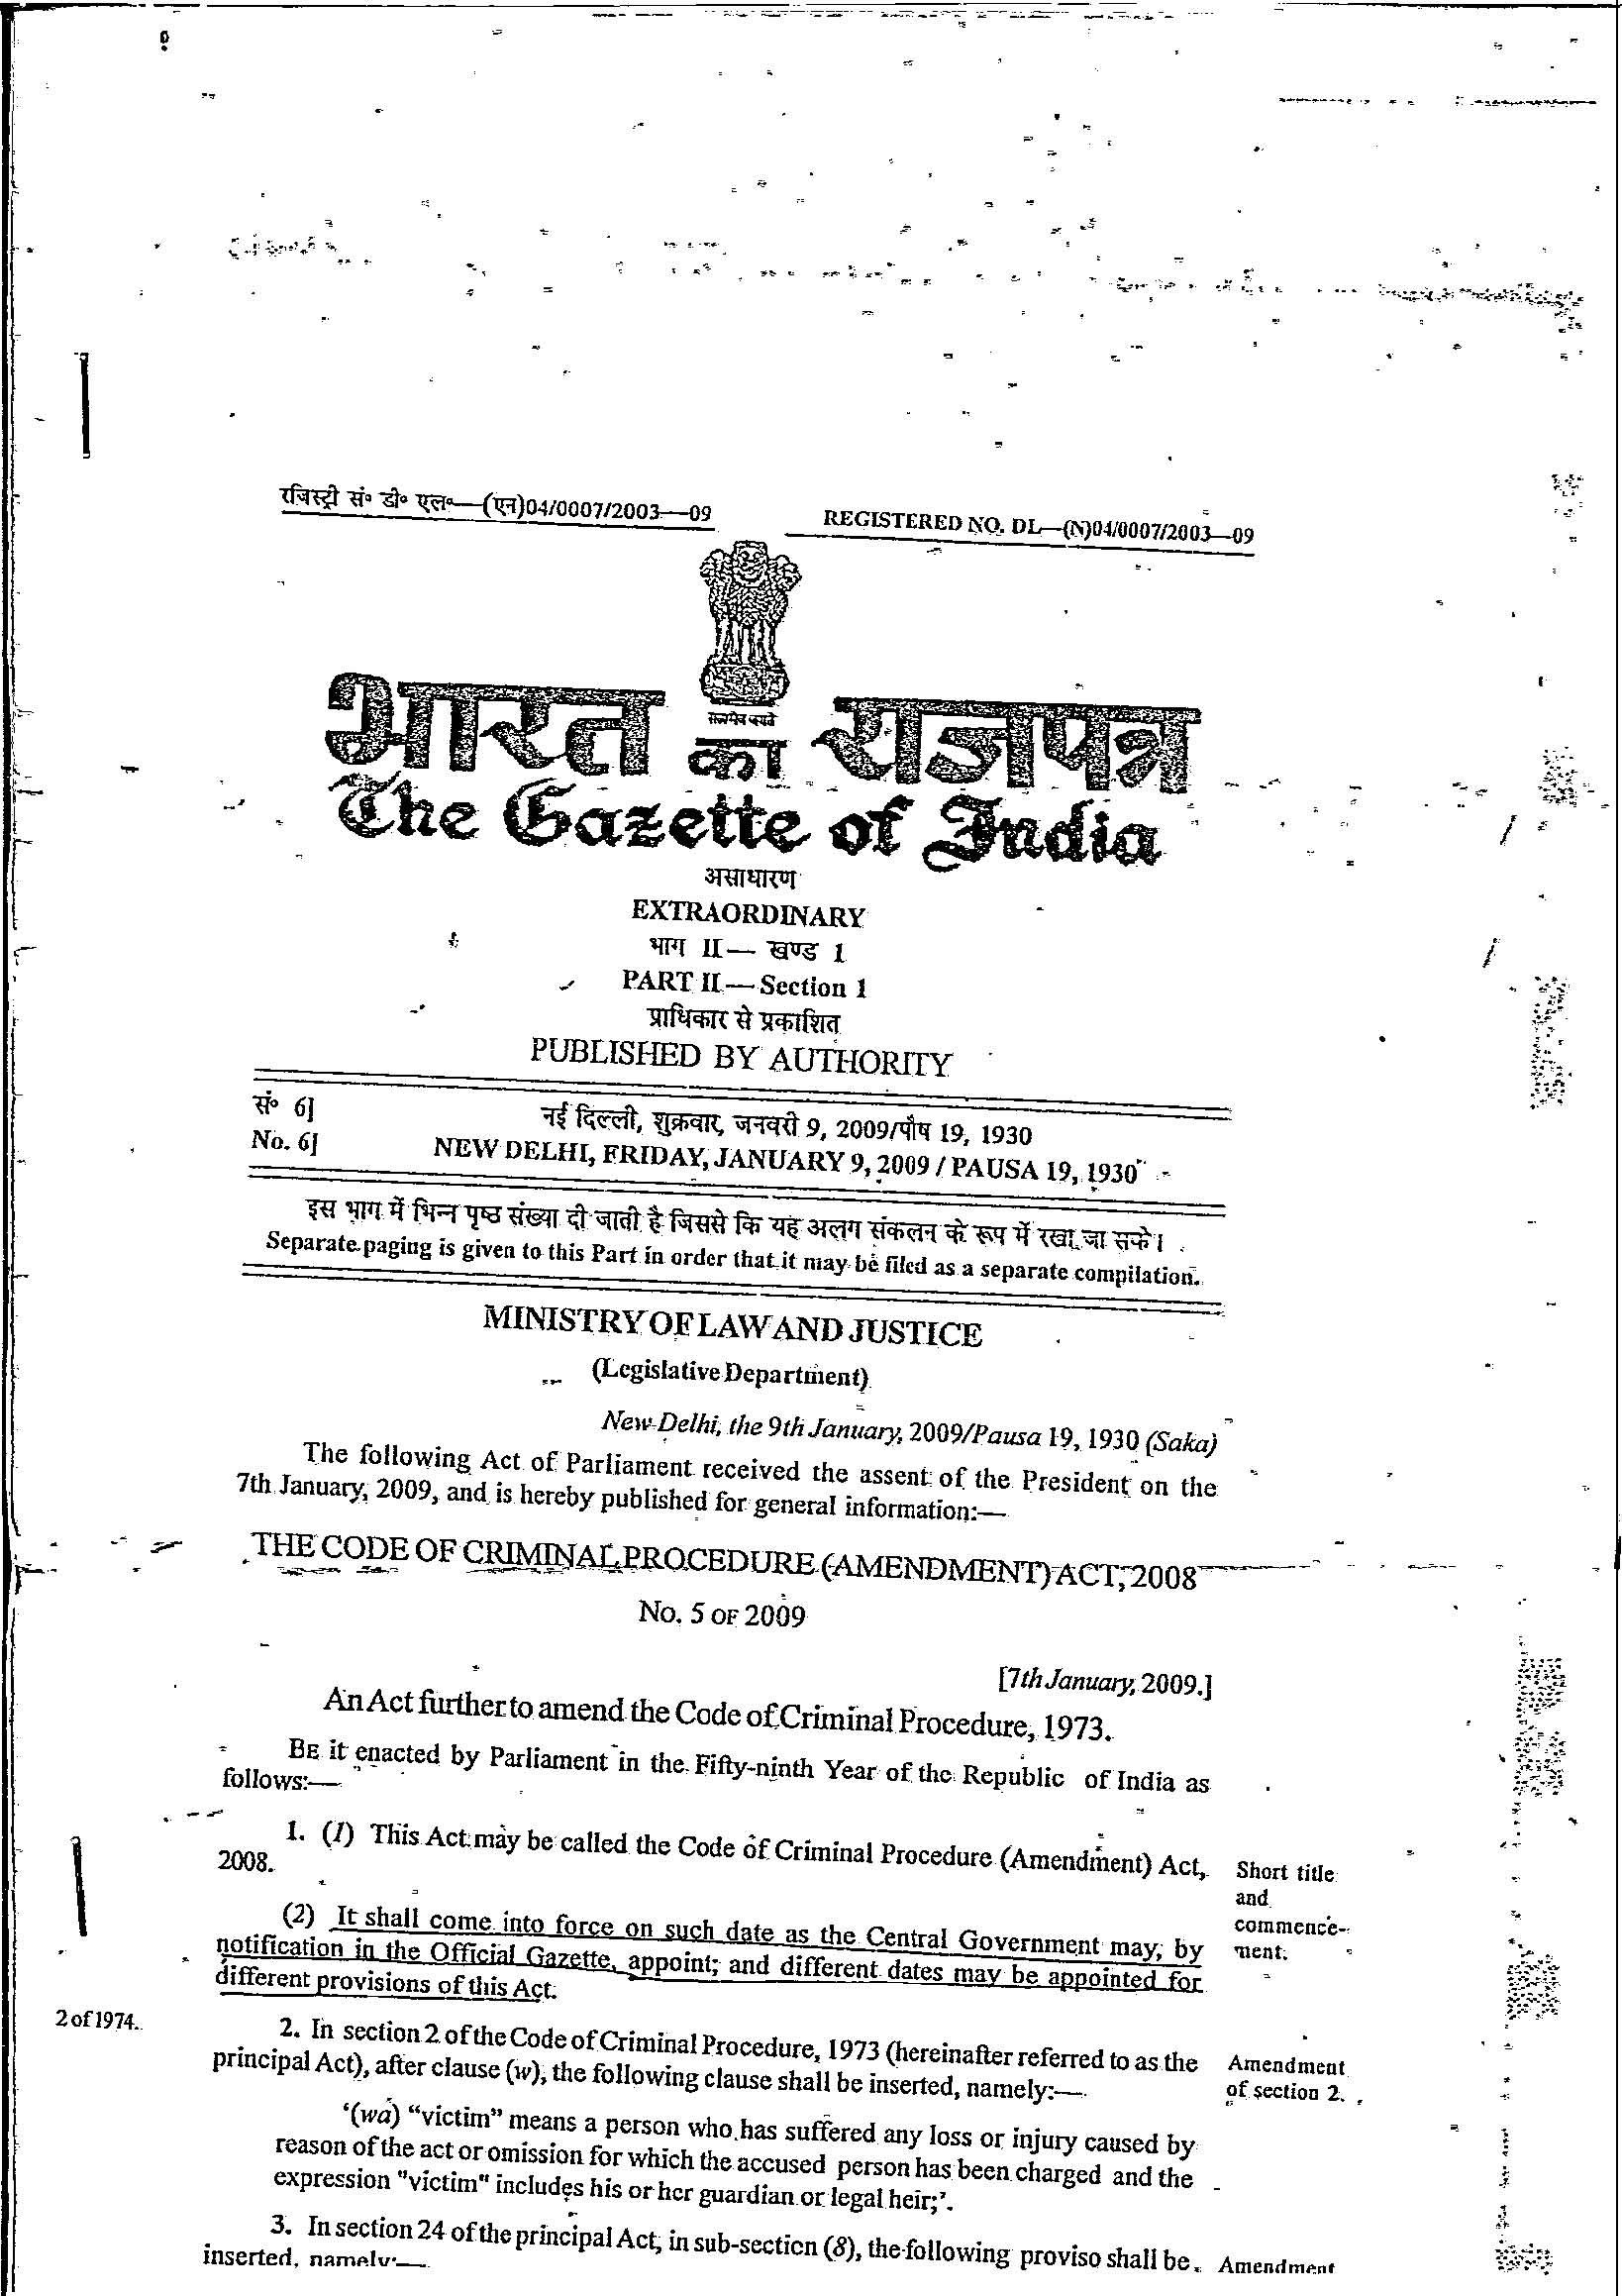 ipc a 610e english pdf